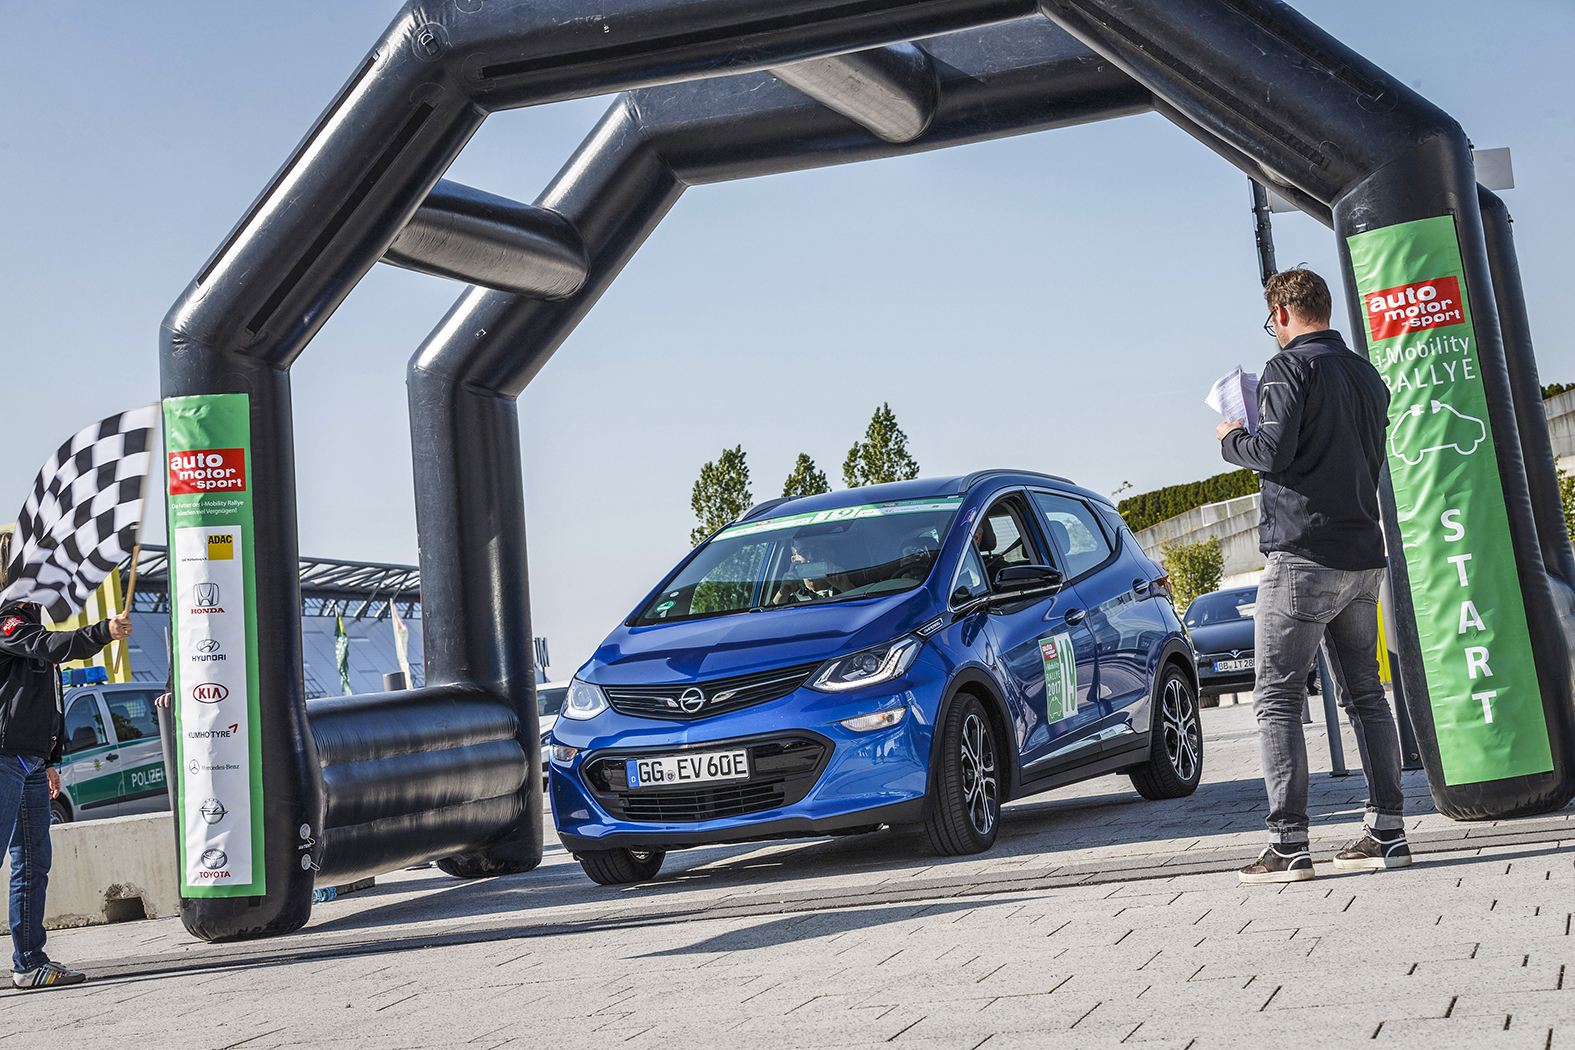 Zieleinfahrt Nicht der schnellste gewinnt die i-Mobility Rallye, sondern der mit den wenigsten Strafpunkten